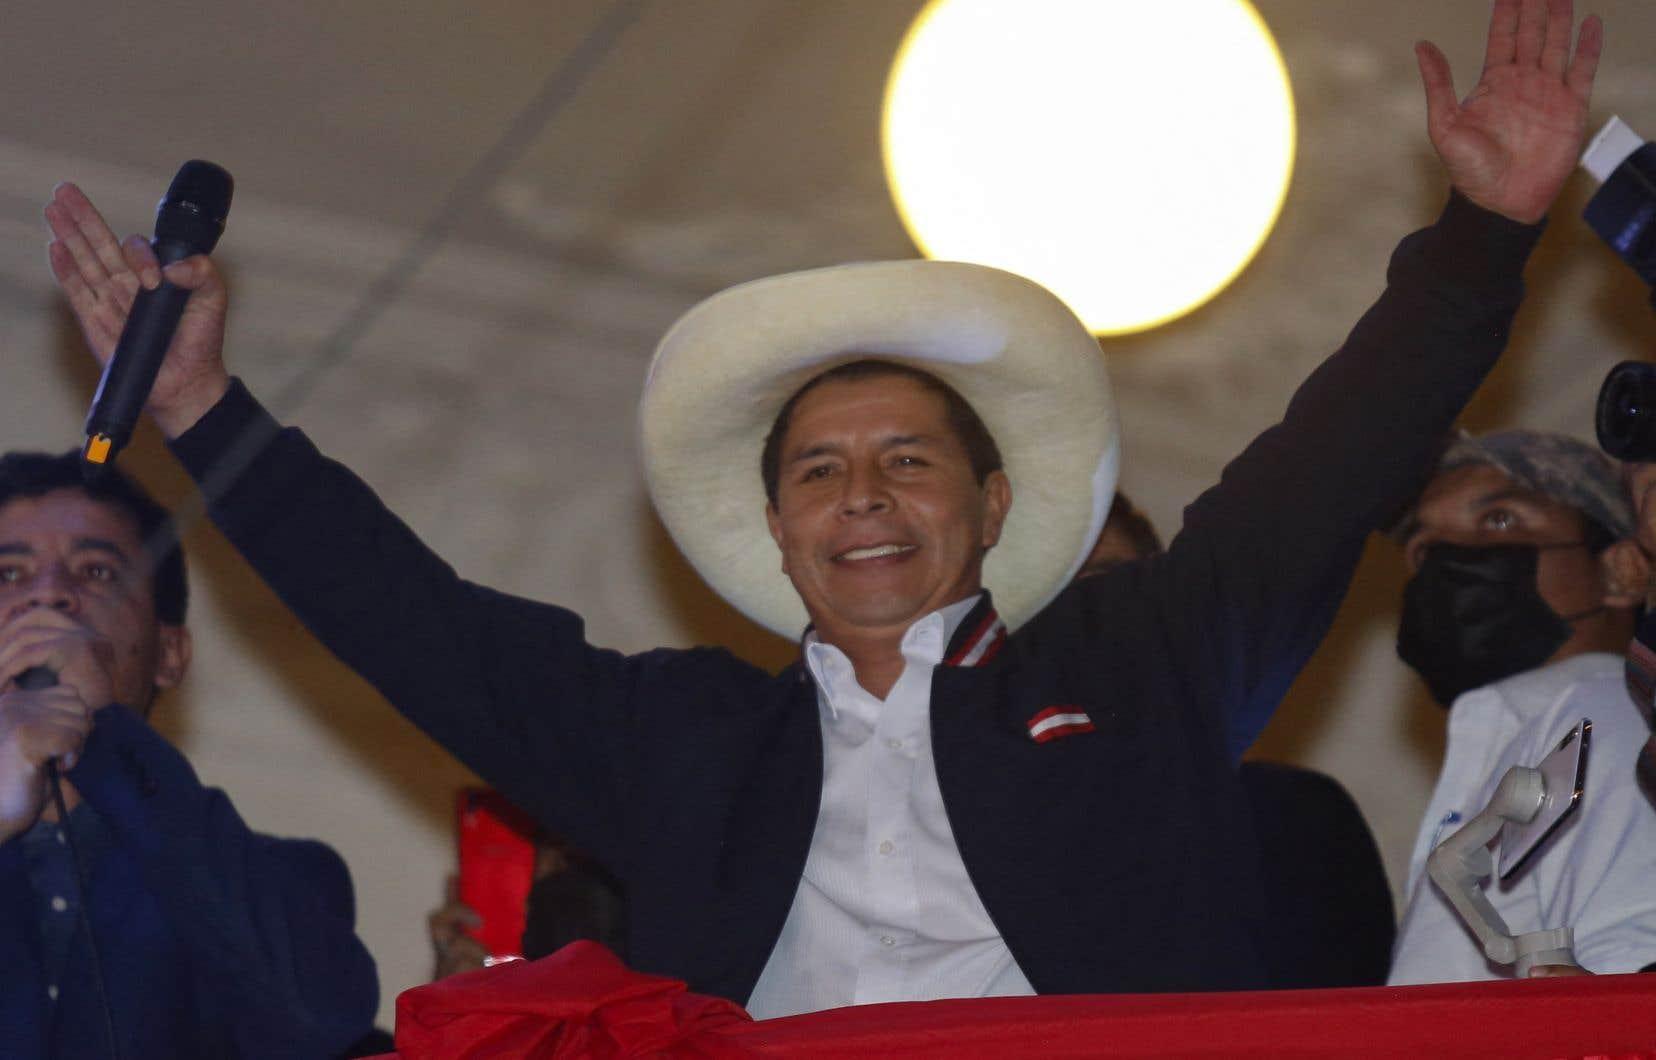 L'ancien enseignant et syndicaliste de 51 ans, chef du parti de gauche Peru Libre, va prendre les rênes d'un pays dont l'économie a chuté de 11,12 % en 2020 et perdu des millions d'emplois à cause de la pandémie de COVID-19. Pedro Castillo a été proclamé officiellement président élu le 19 juillet.